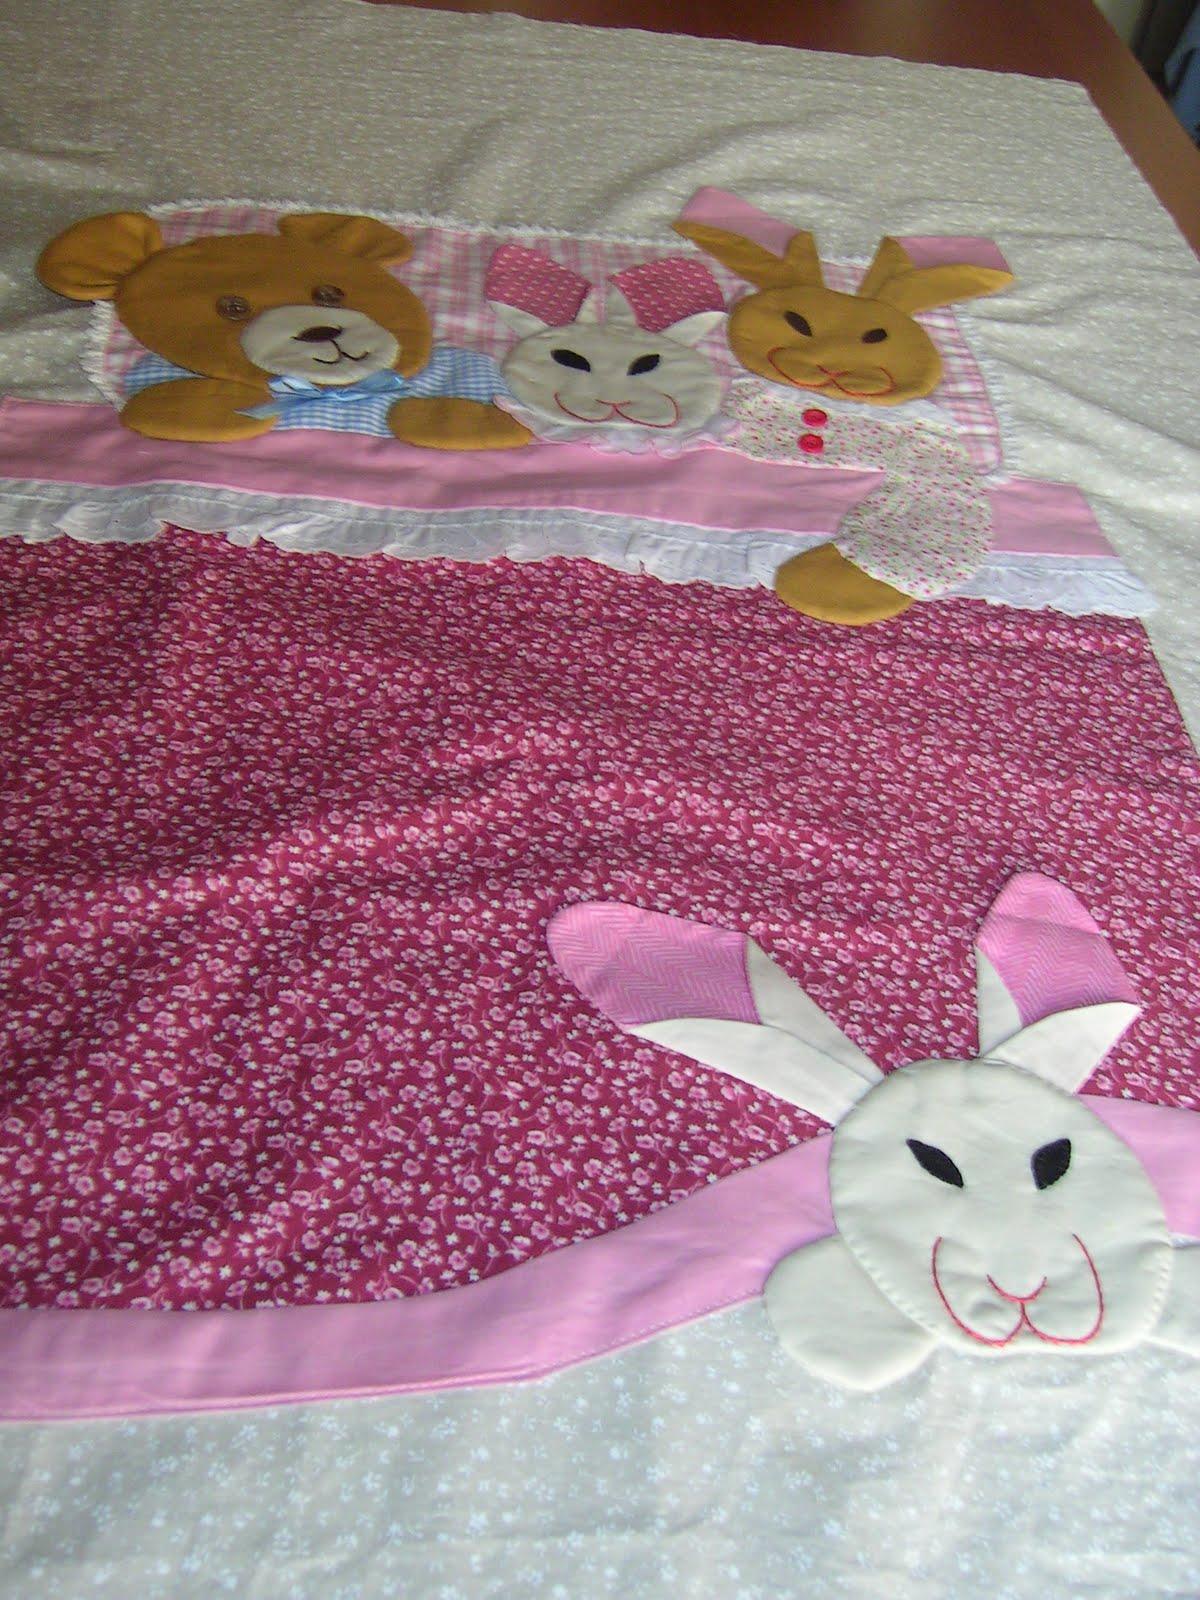 Patrones patchwork para colchas infantiles imagui - Colchas patchwork infantiles ...